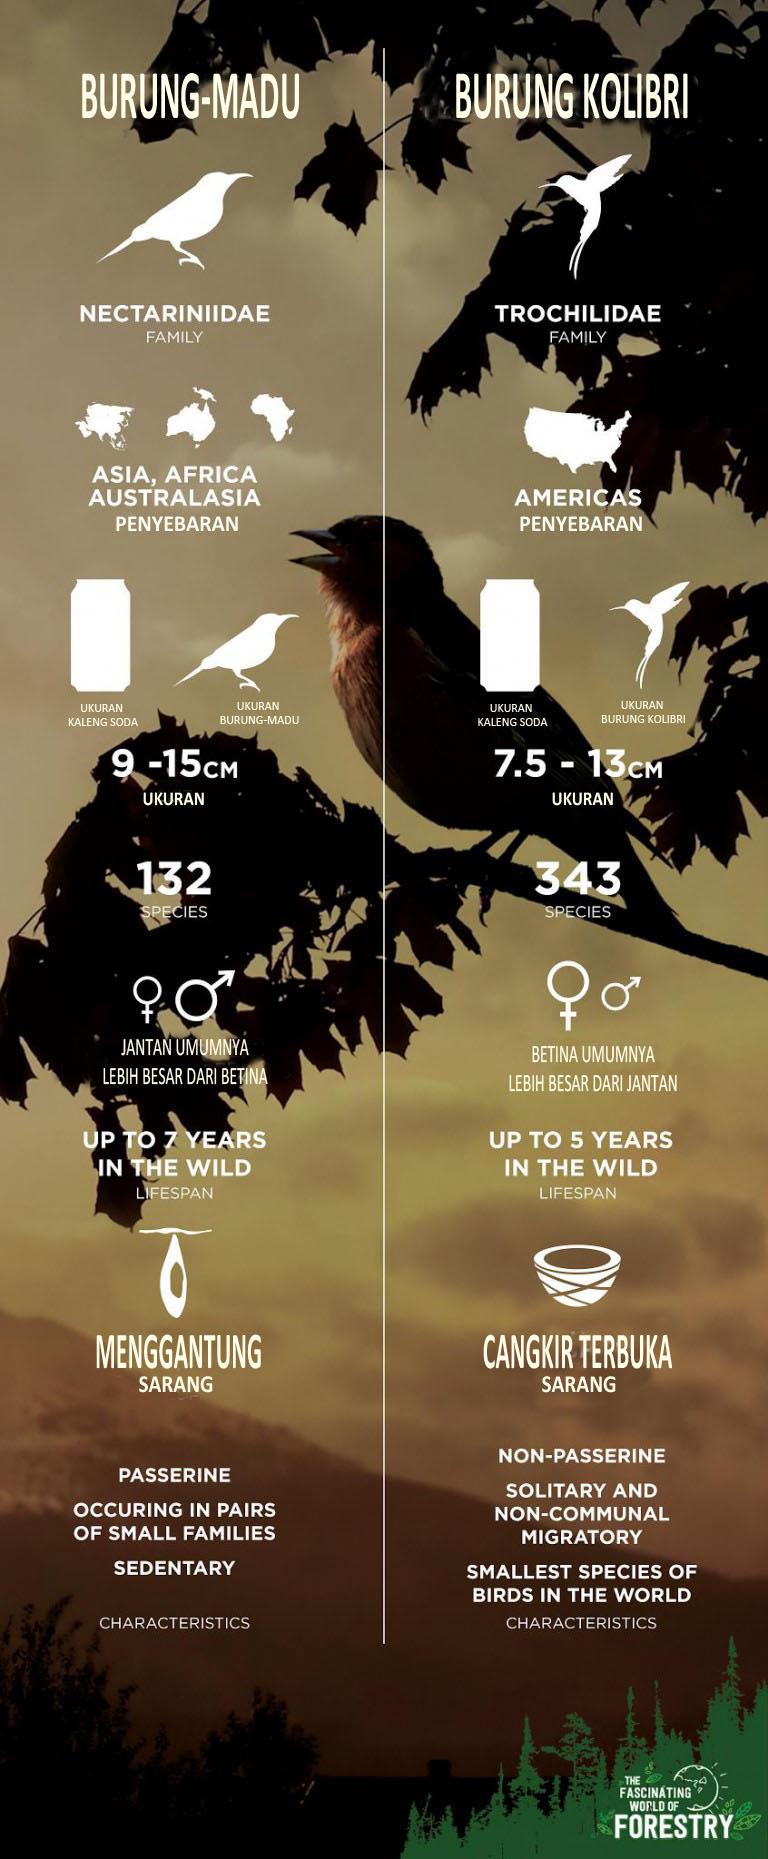 Terjemahan Infografis burung-madu dan kolibri dari thefascinatingworldofforestry.com